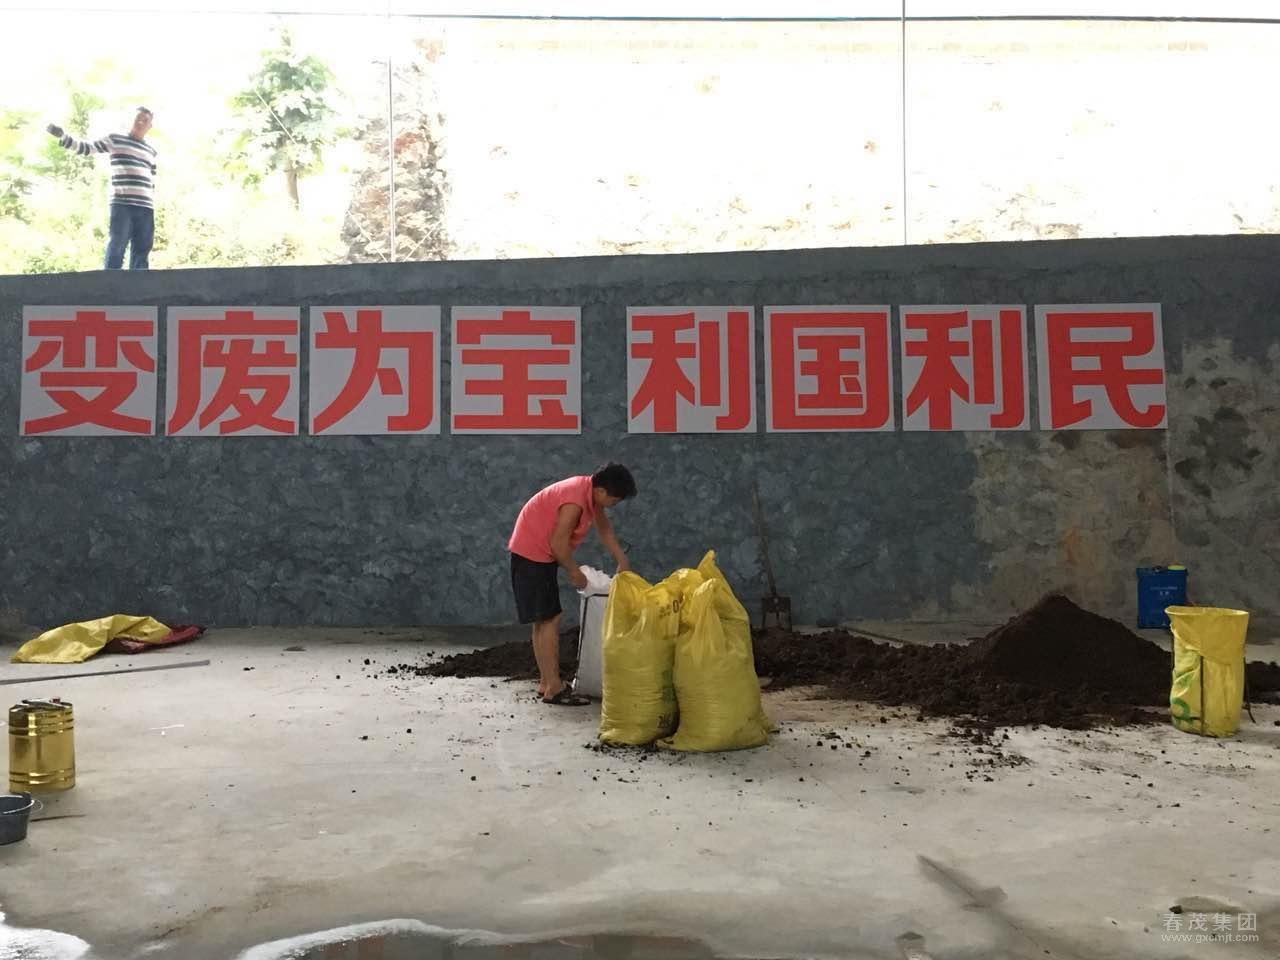 鹤山市鹤城镇党委副书记黄志勇一行到公司种鸡场现场检查